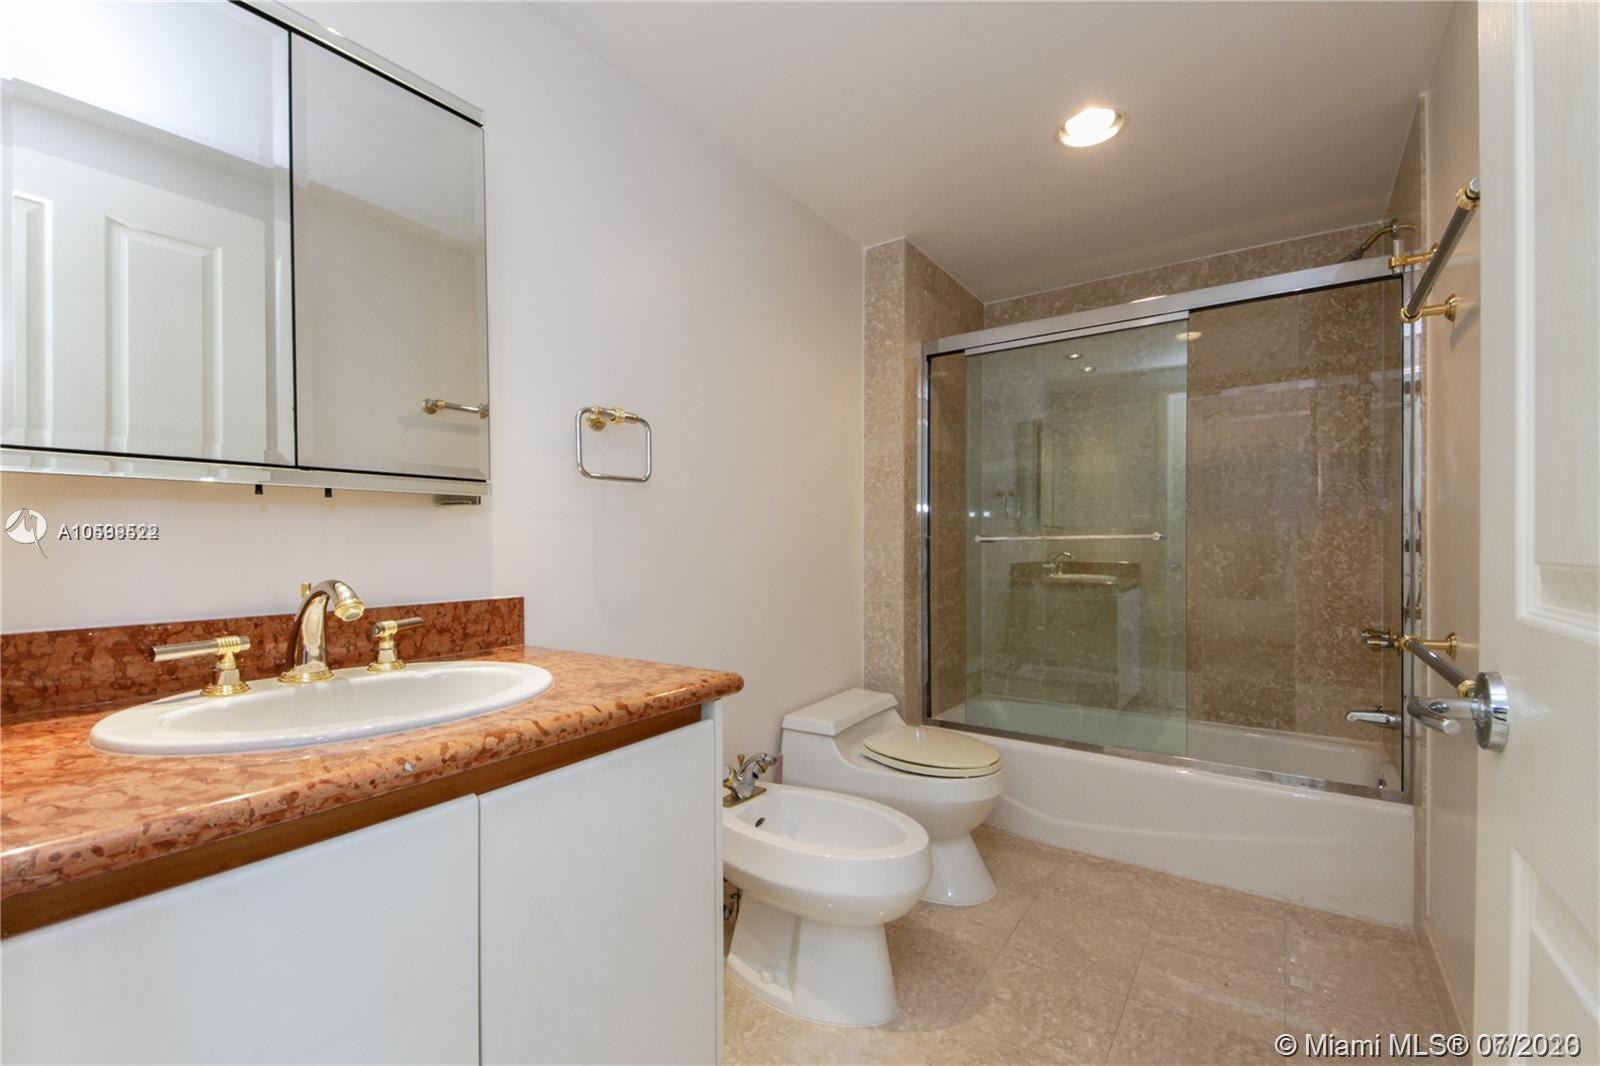 2127 Brickell Avenue, Miami, FL 33129, Bristol Tower Condominium #2601, Brickell, Miami A10599522 image #11